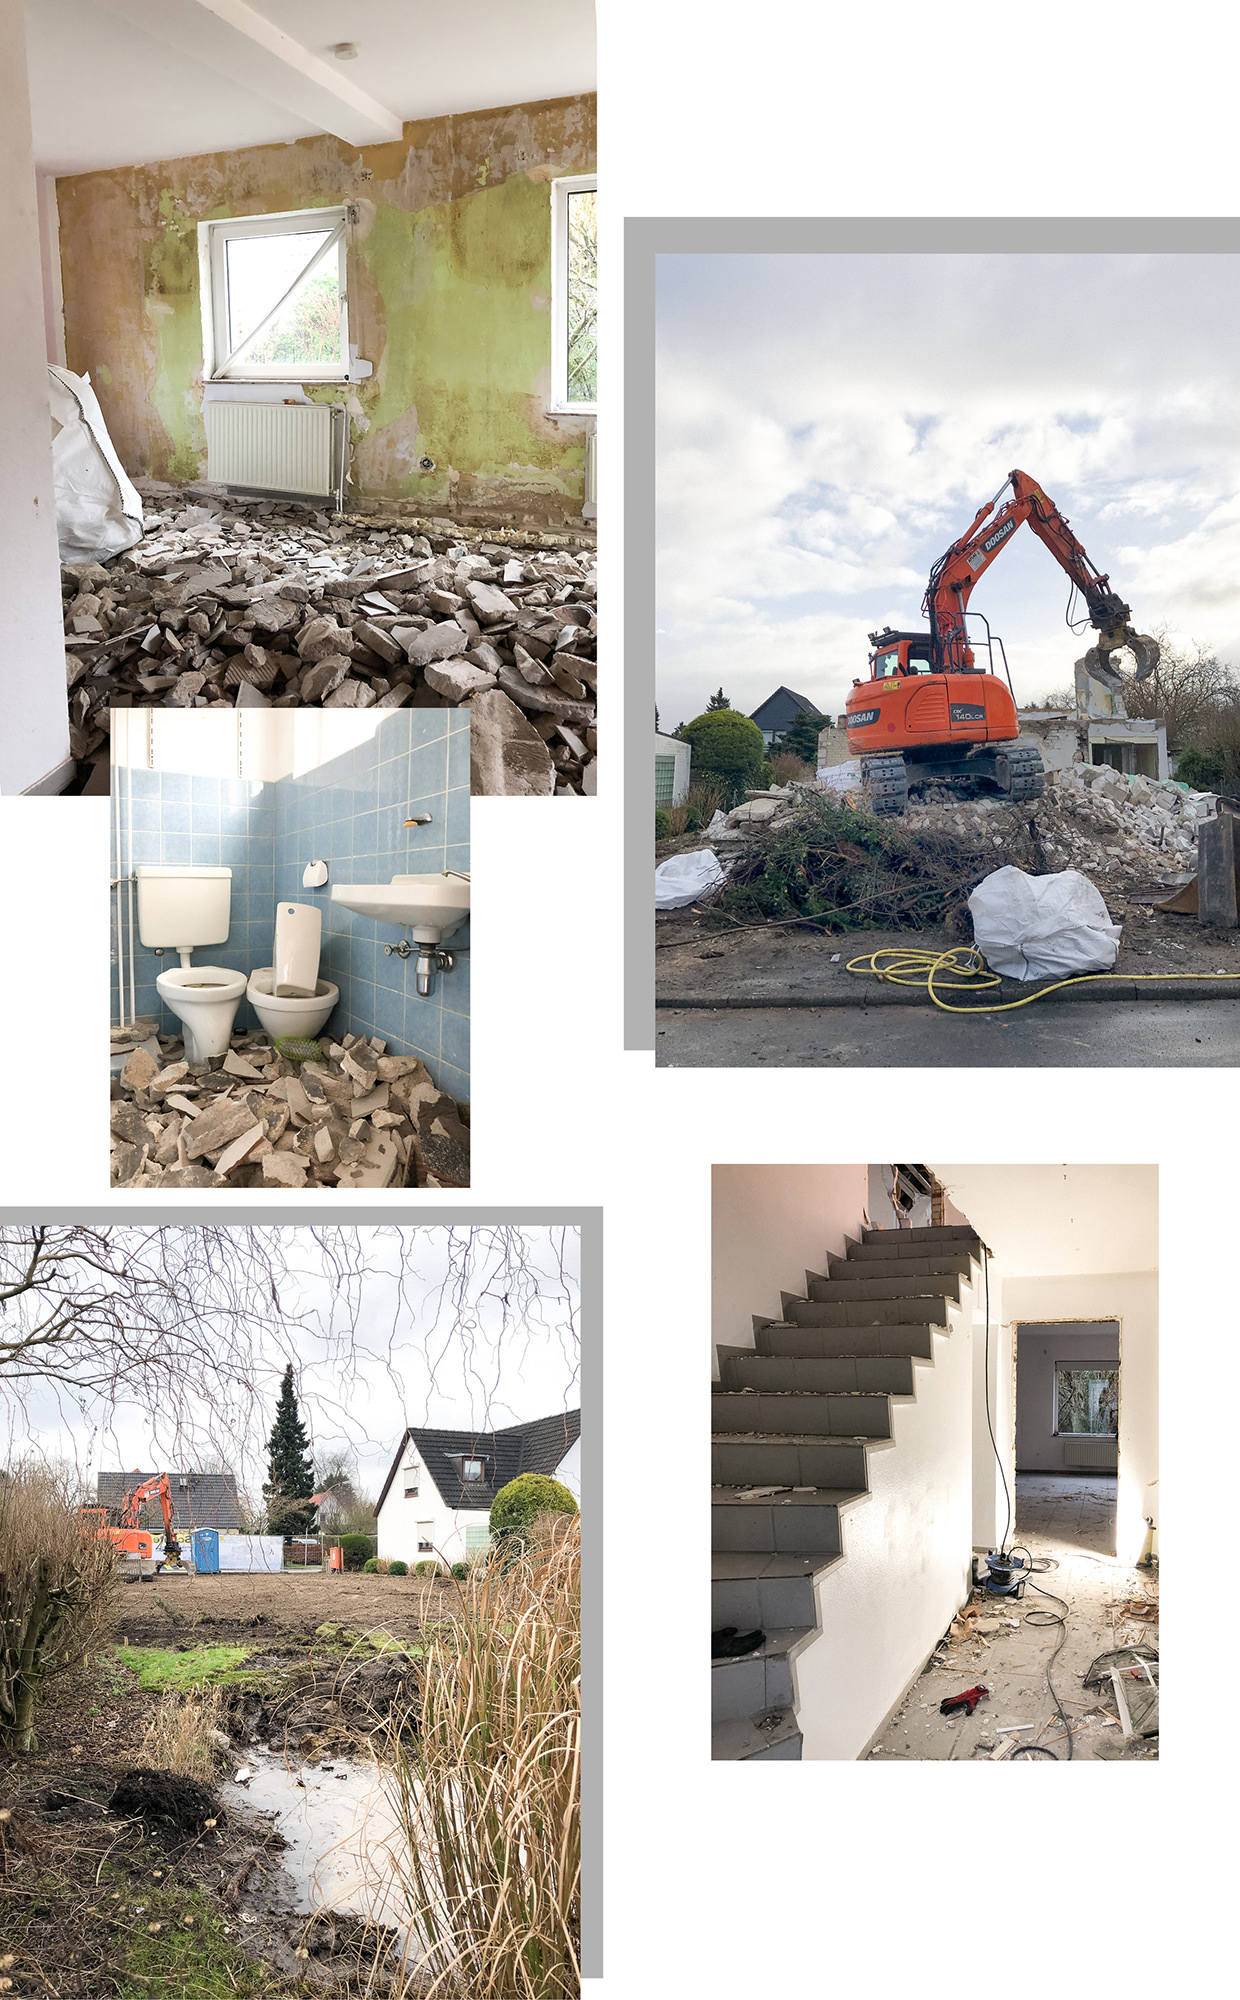 Abbruch Abriss Hausbau Siedlungshaus Hamburg Dachstuhl Zweifamilienhaus Hausabriss Hausabbruch